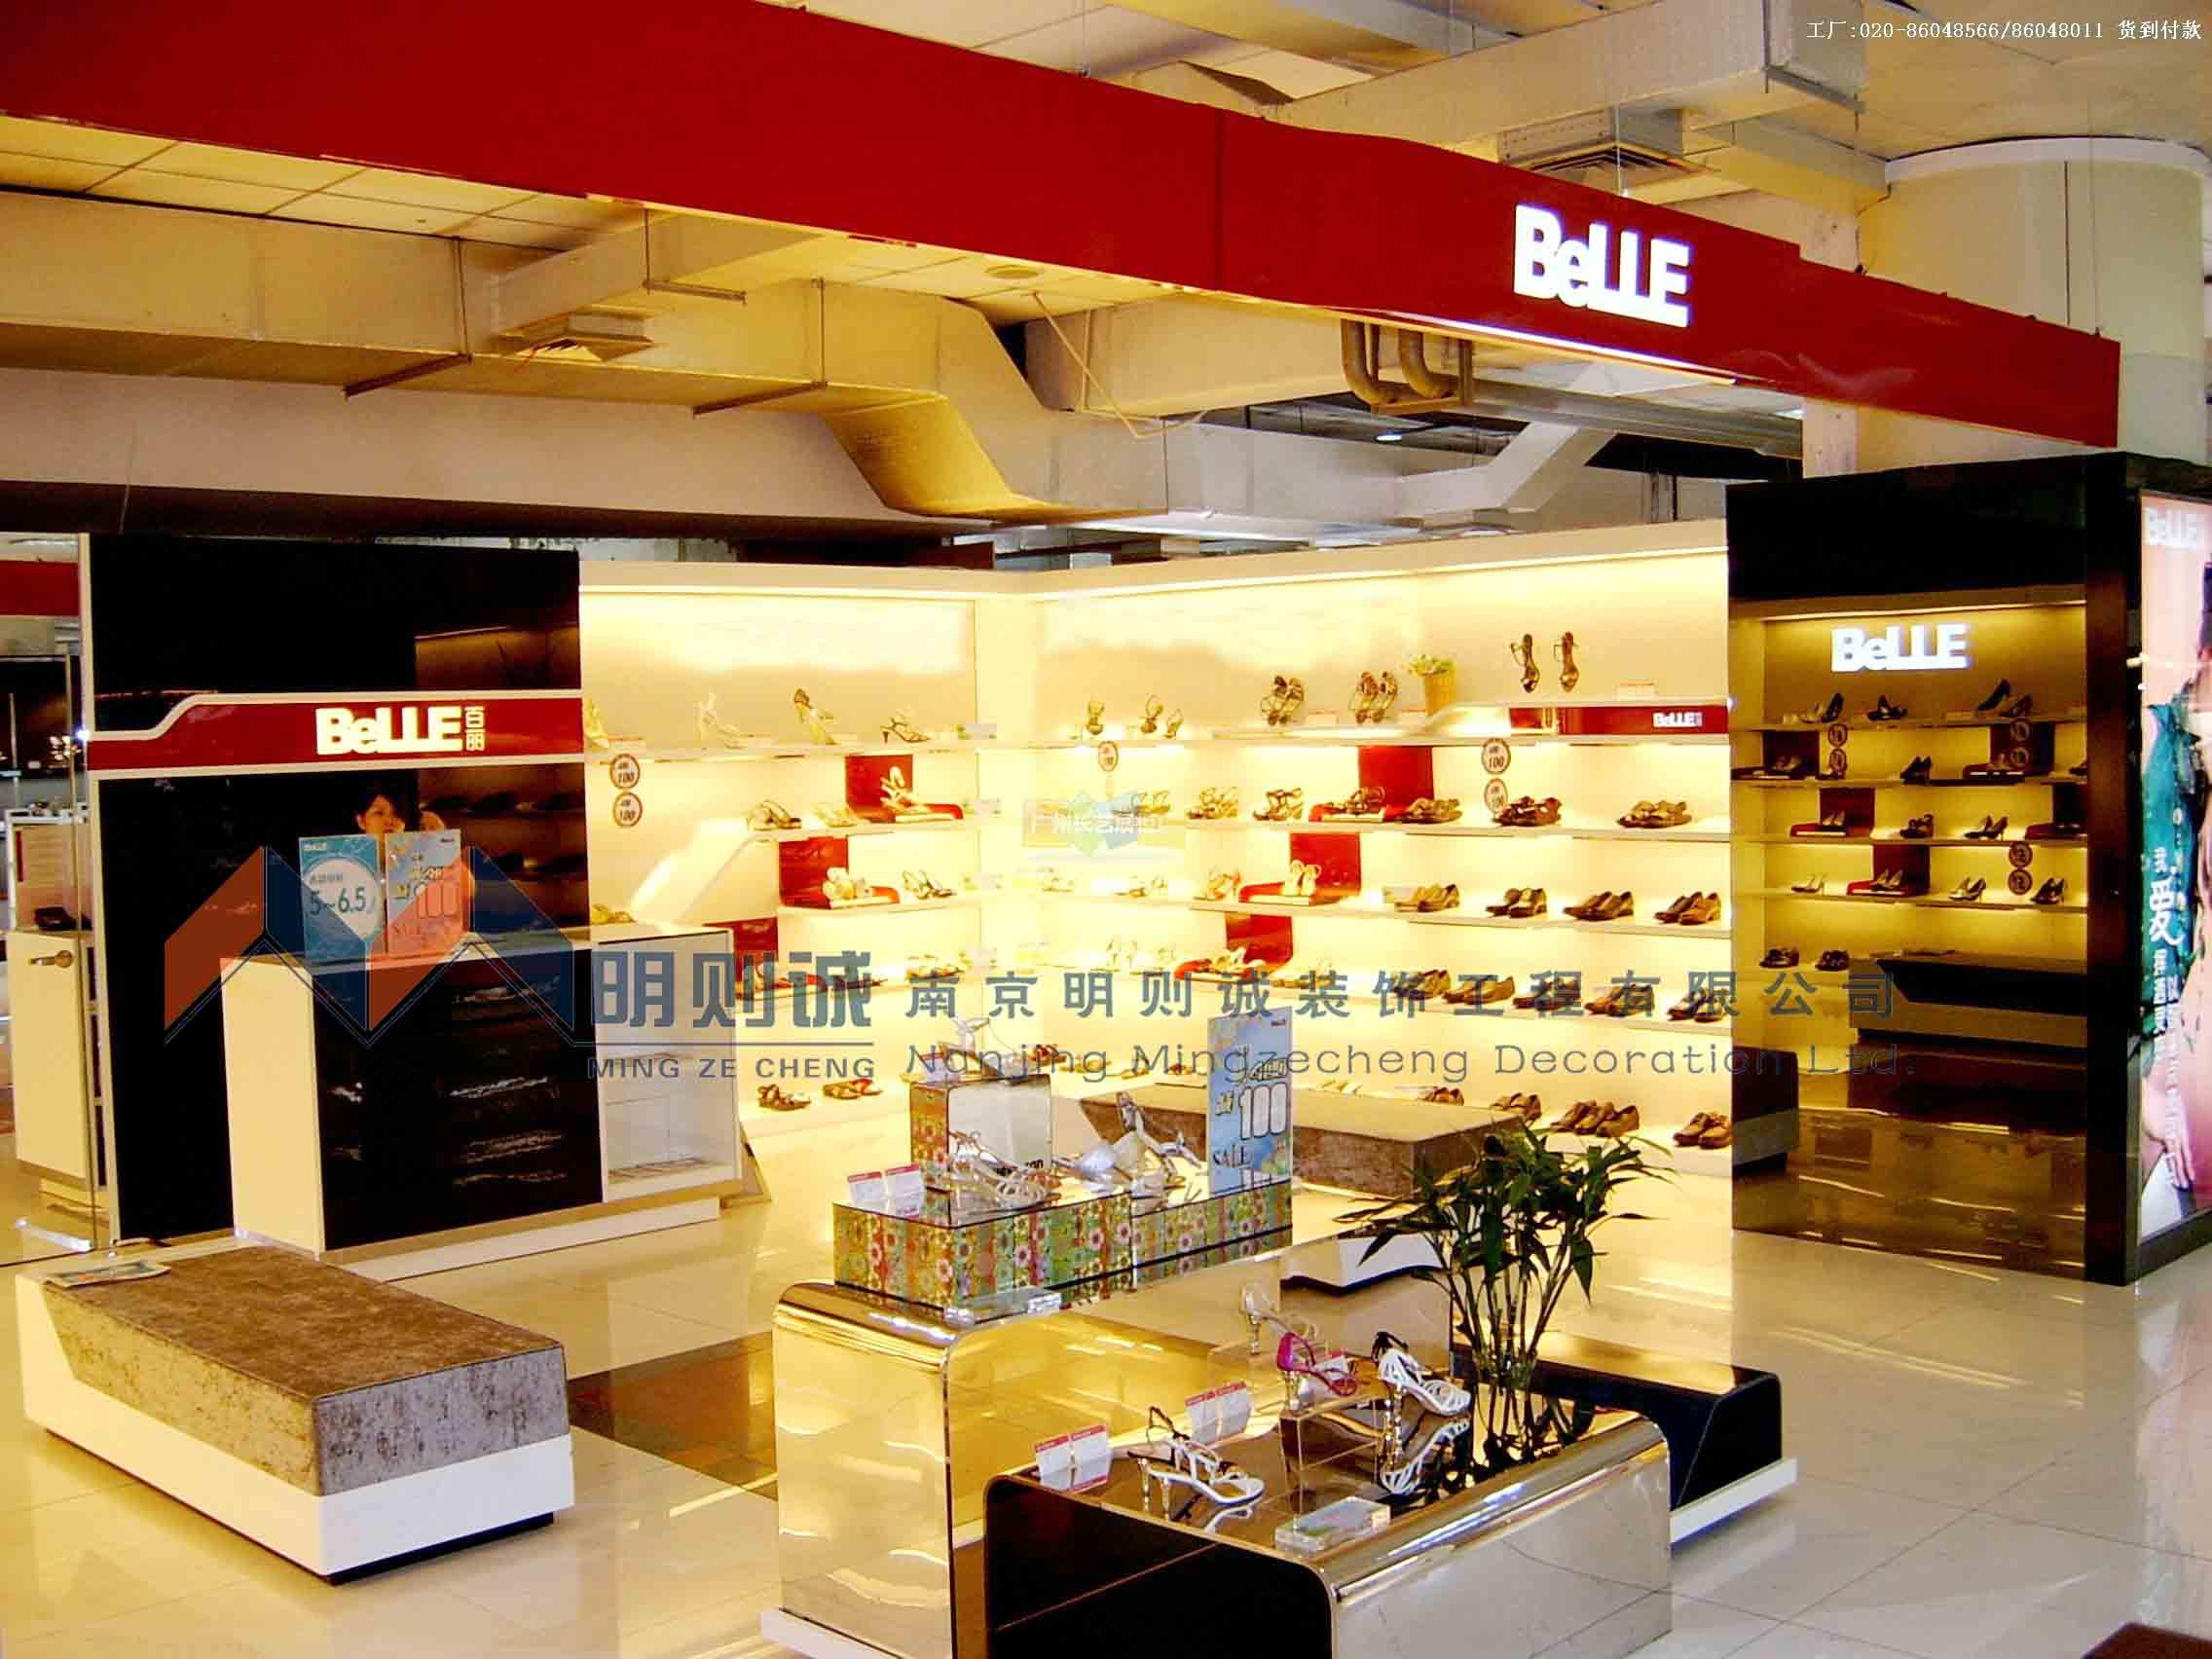 商场鞋柜图片大全内容|商场鞋柜图片大全版面设计